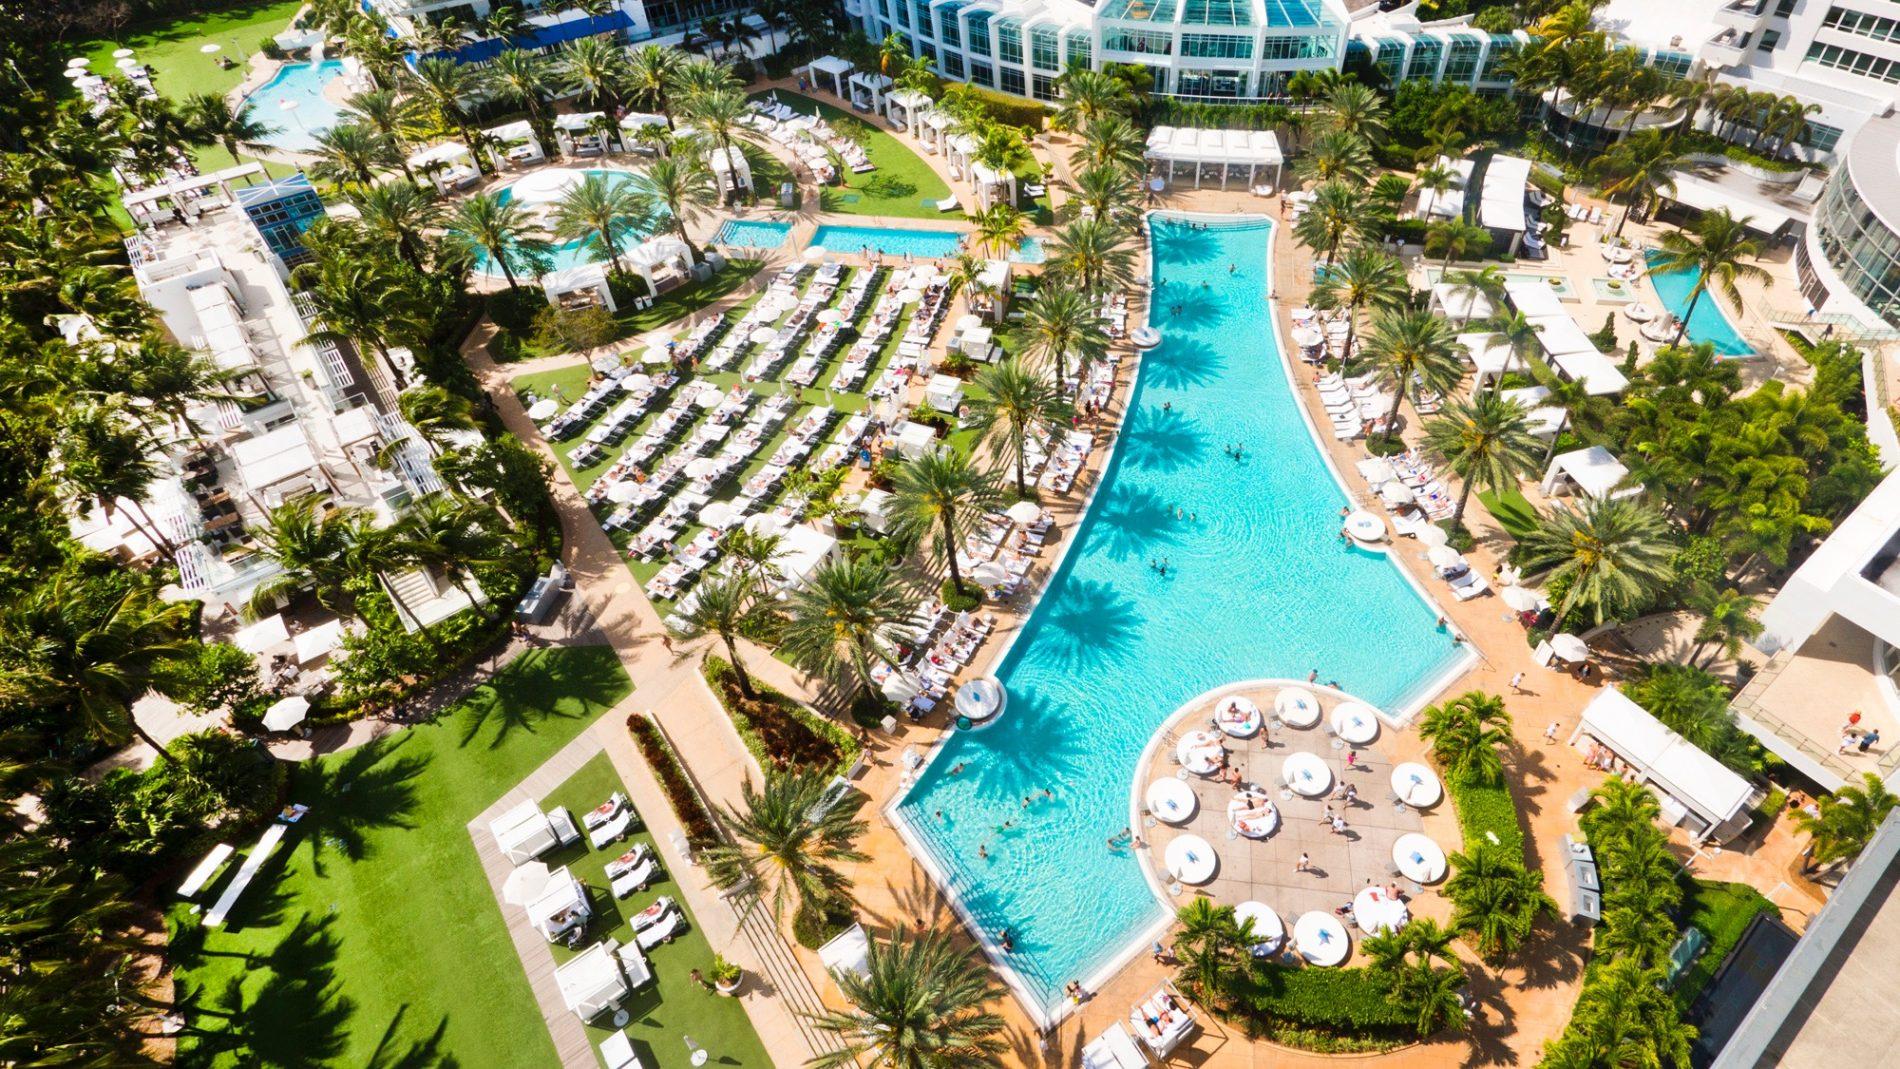 Piscinas do Hotel Fontainebleau, em Miami Beach (Foto: Divulgação)